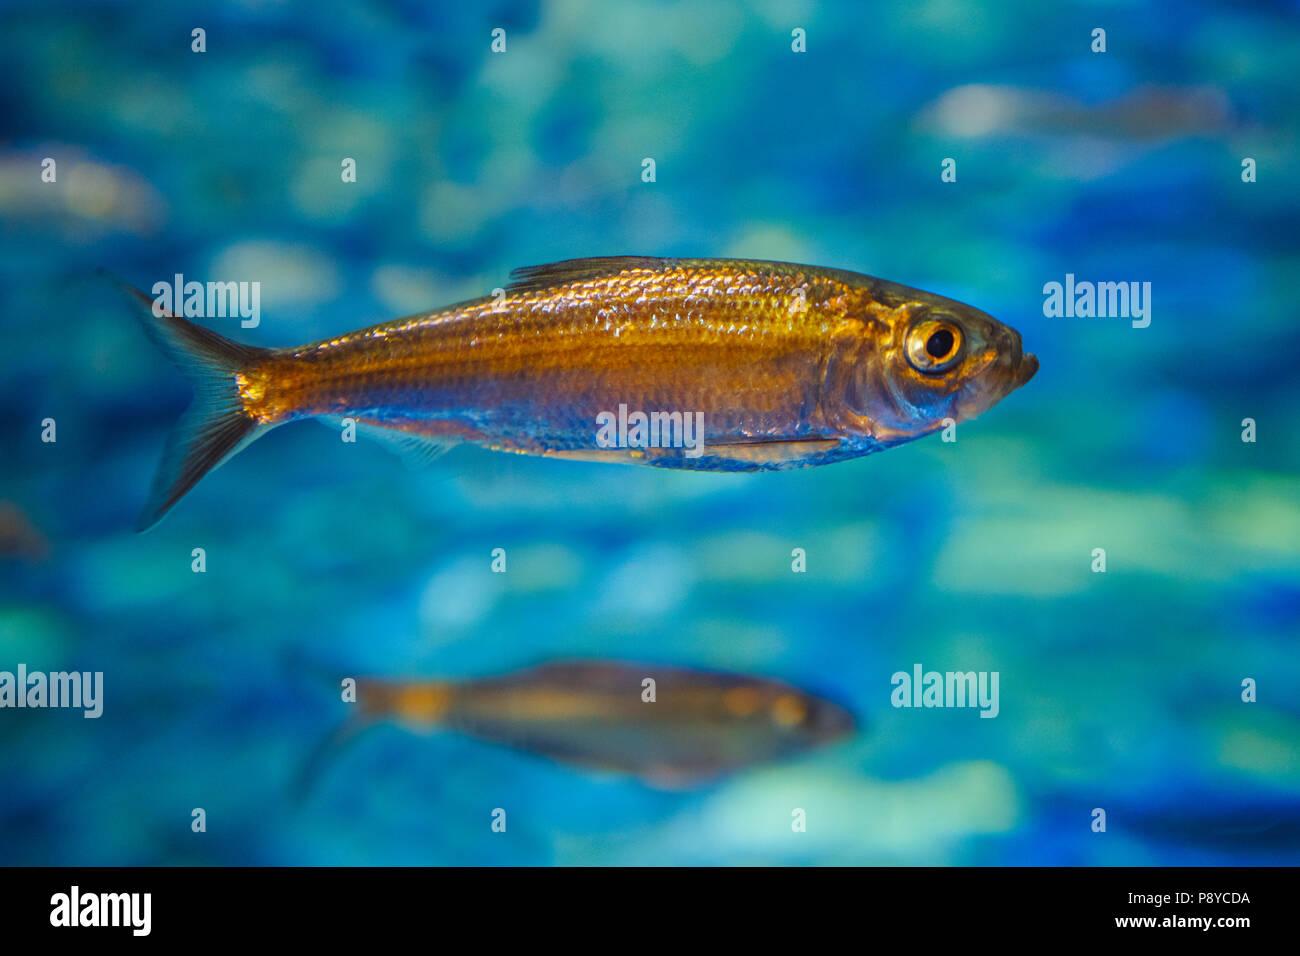 Un piccolo mare oceano tropicale giallo pesce in acqua blu, colorato mondo subacqueo, copyspace per testo e sfondo Immagini Stock